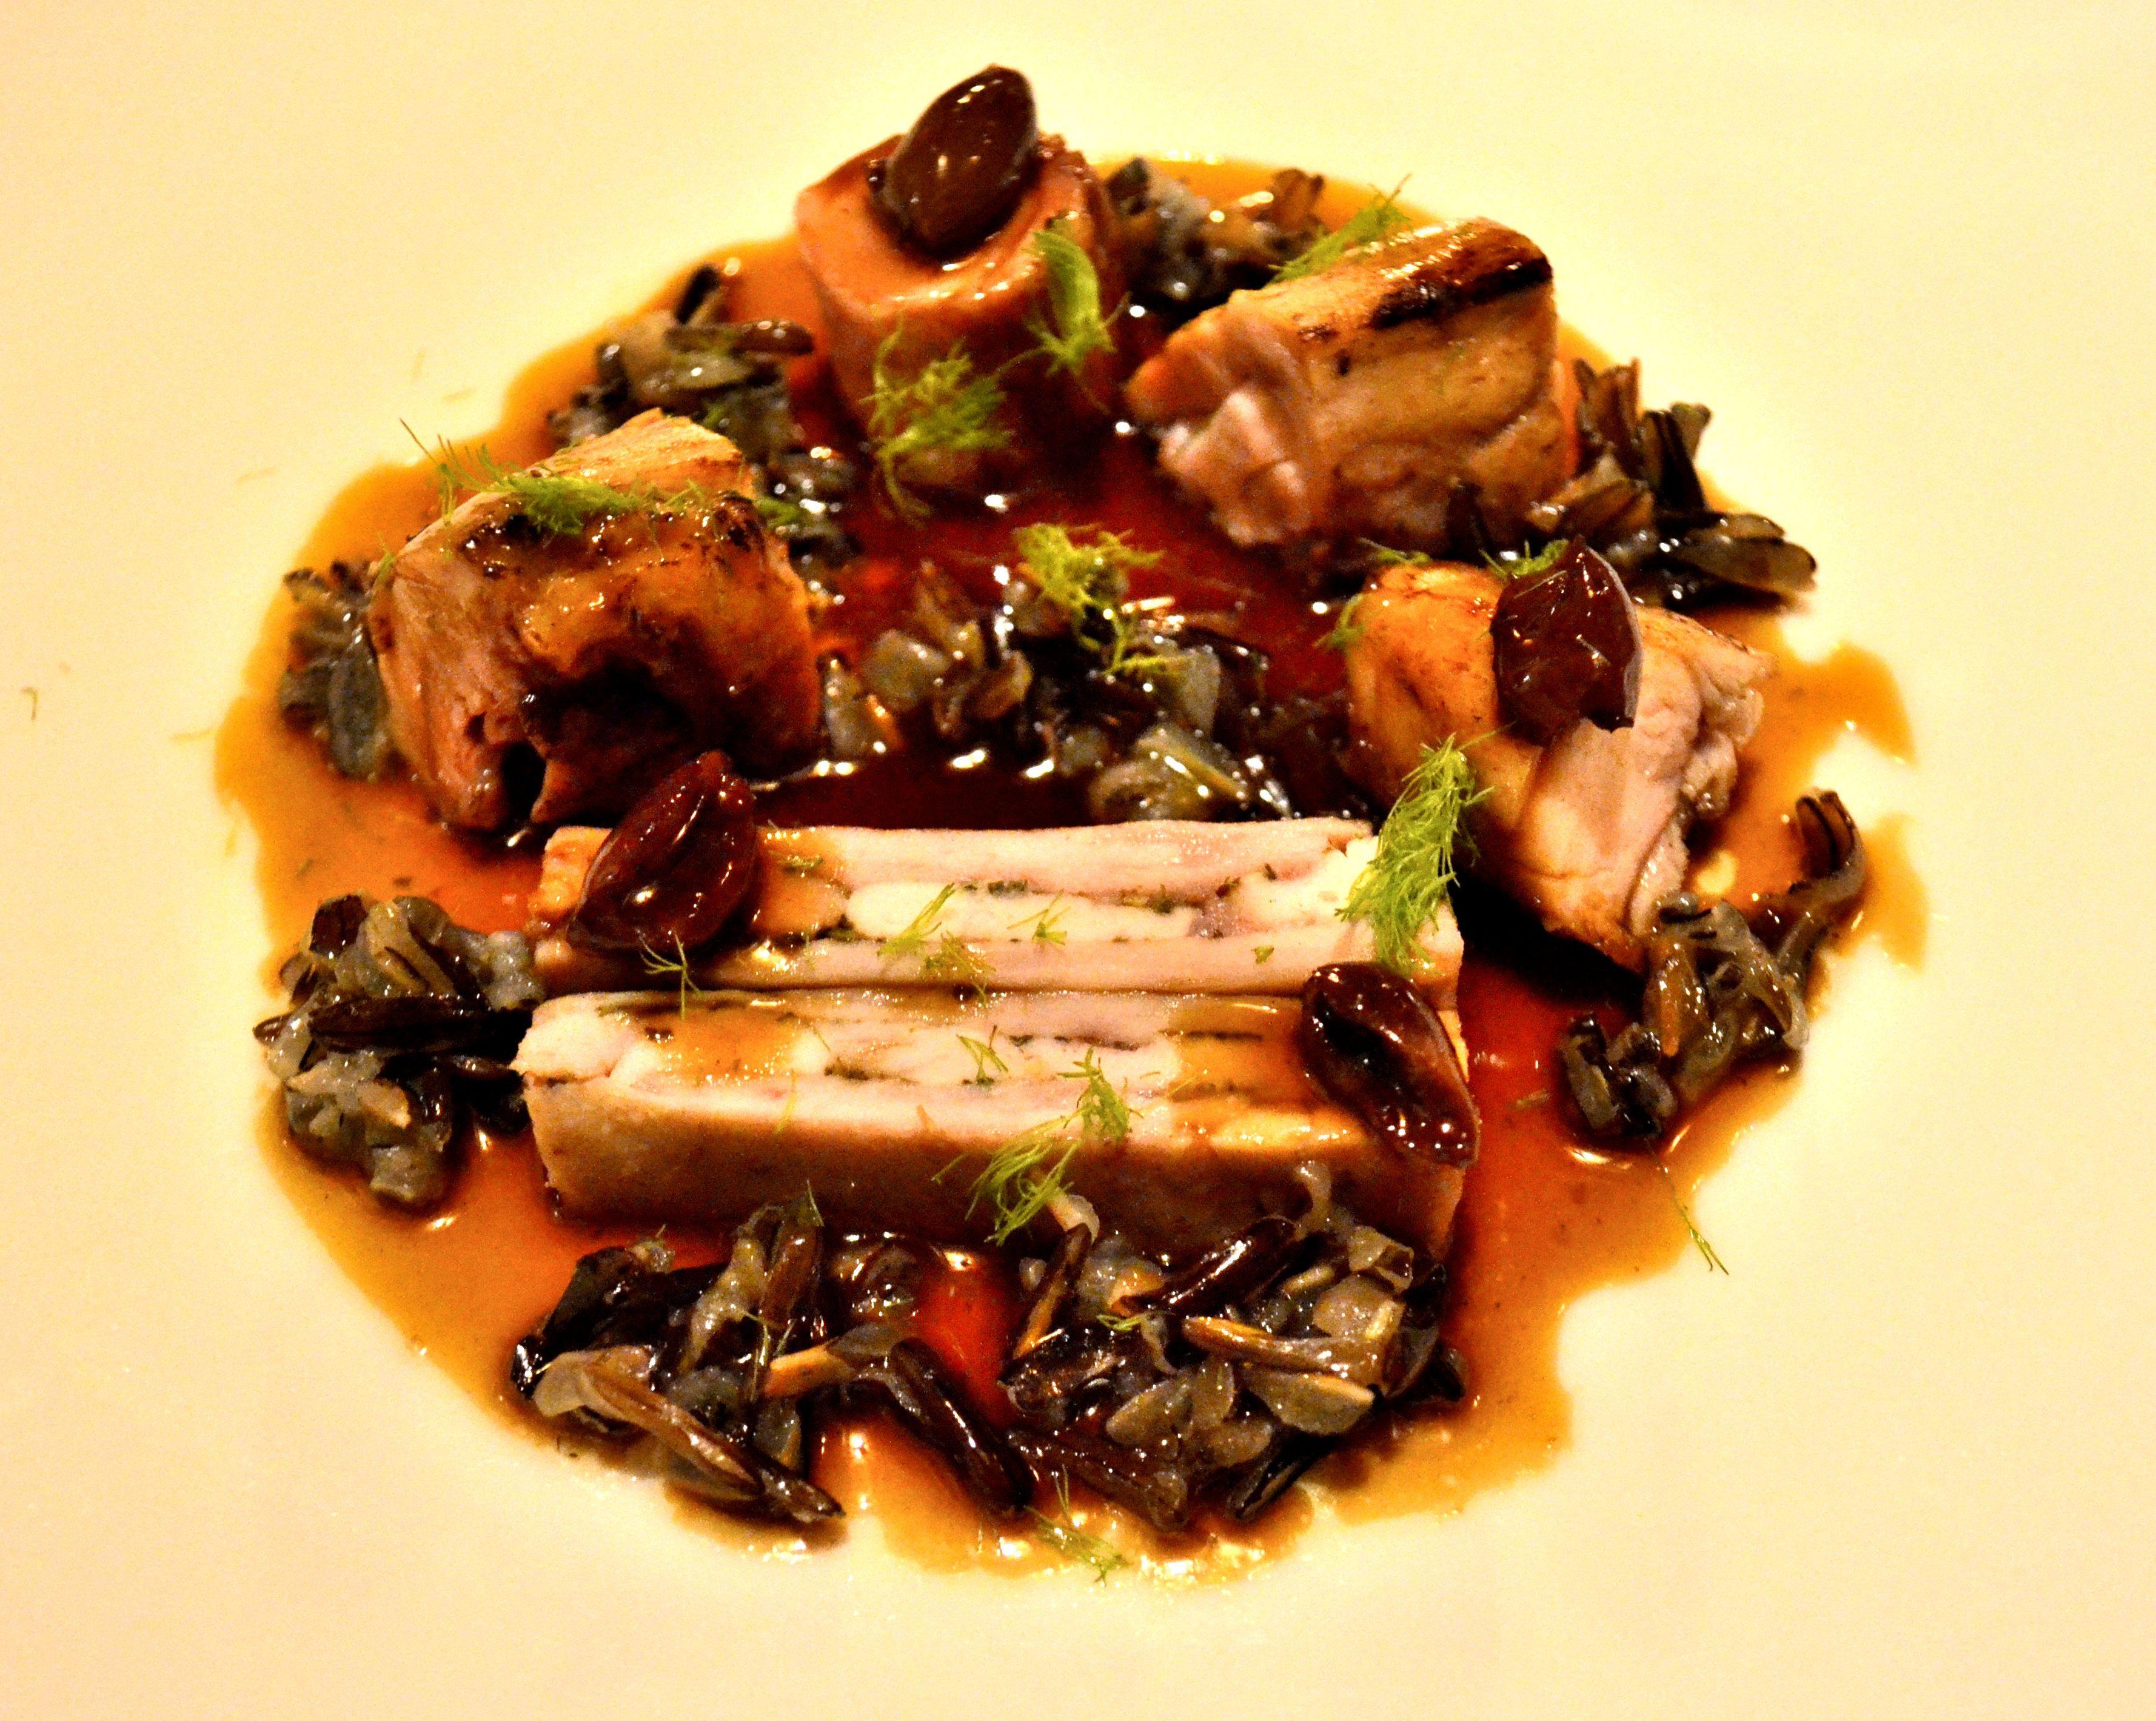 fricassea di coniglio del Bleggio, riso selvatico e salsa alla cacciatora